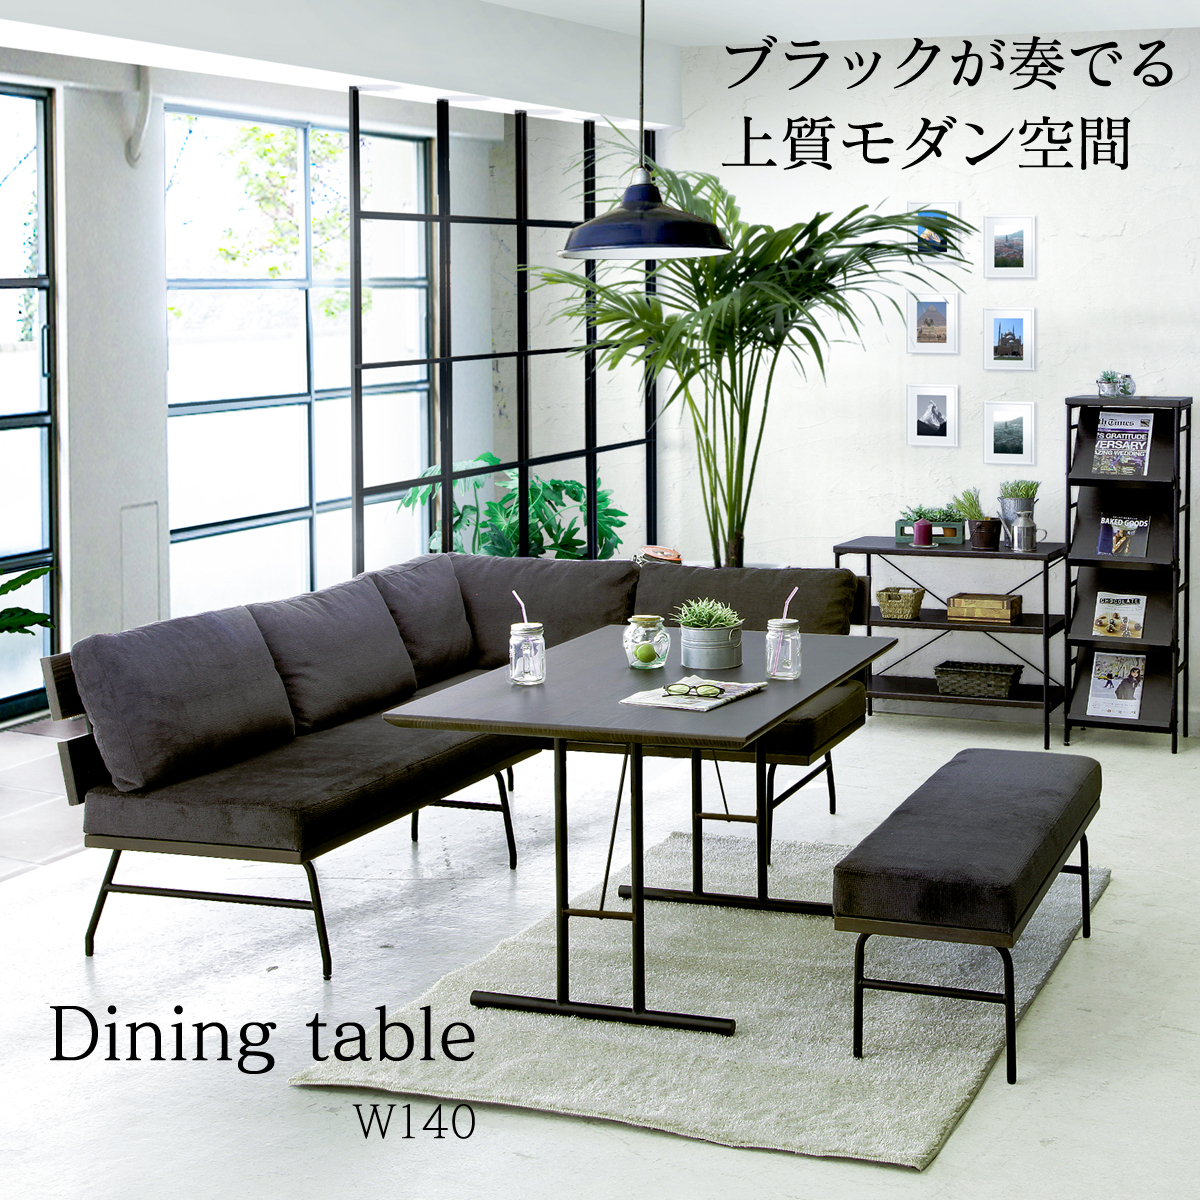 ダイニングテーブル 4人掛け ダイニングテーブル ダイニング テーブル 食卓 食卓テーブル シンプル インテリア 家具 北欧 モダン 新生活 クラスティーナ